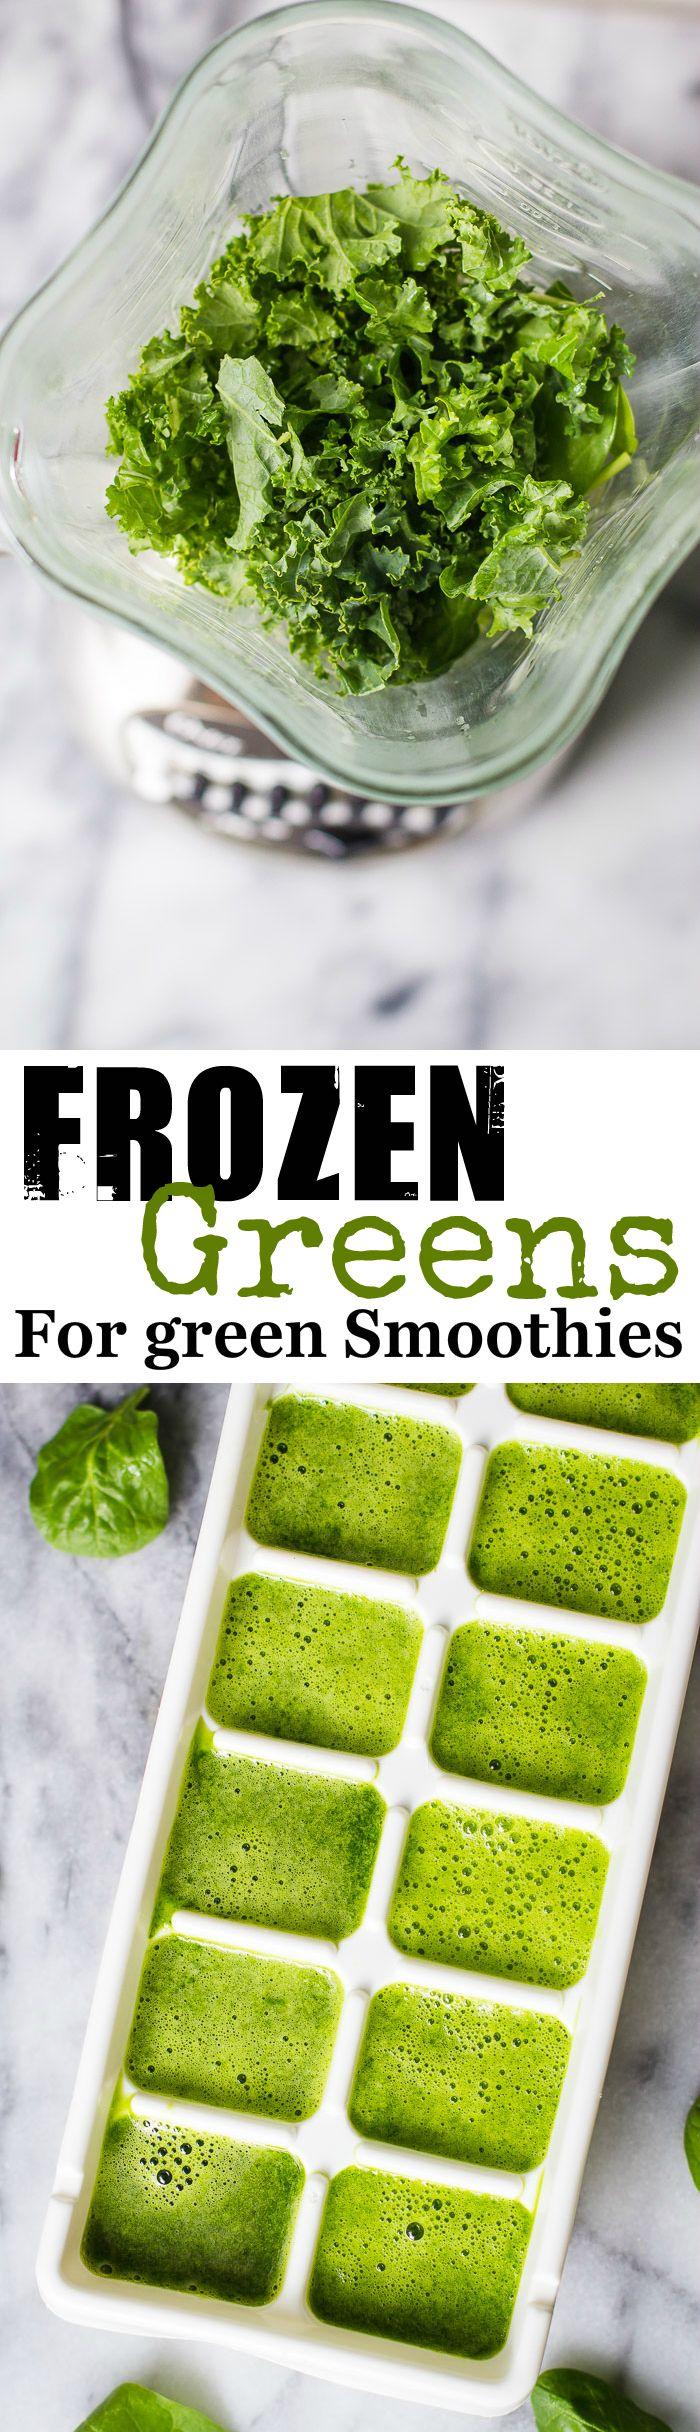 frozen greens long pin